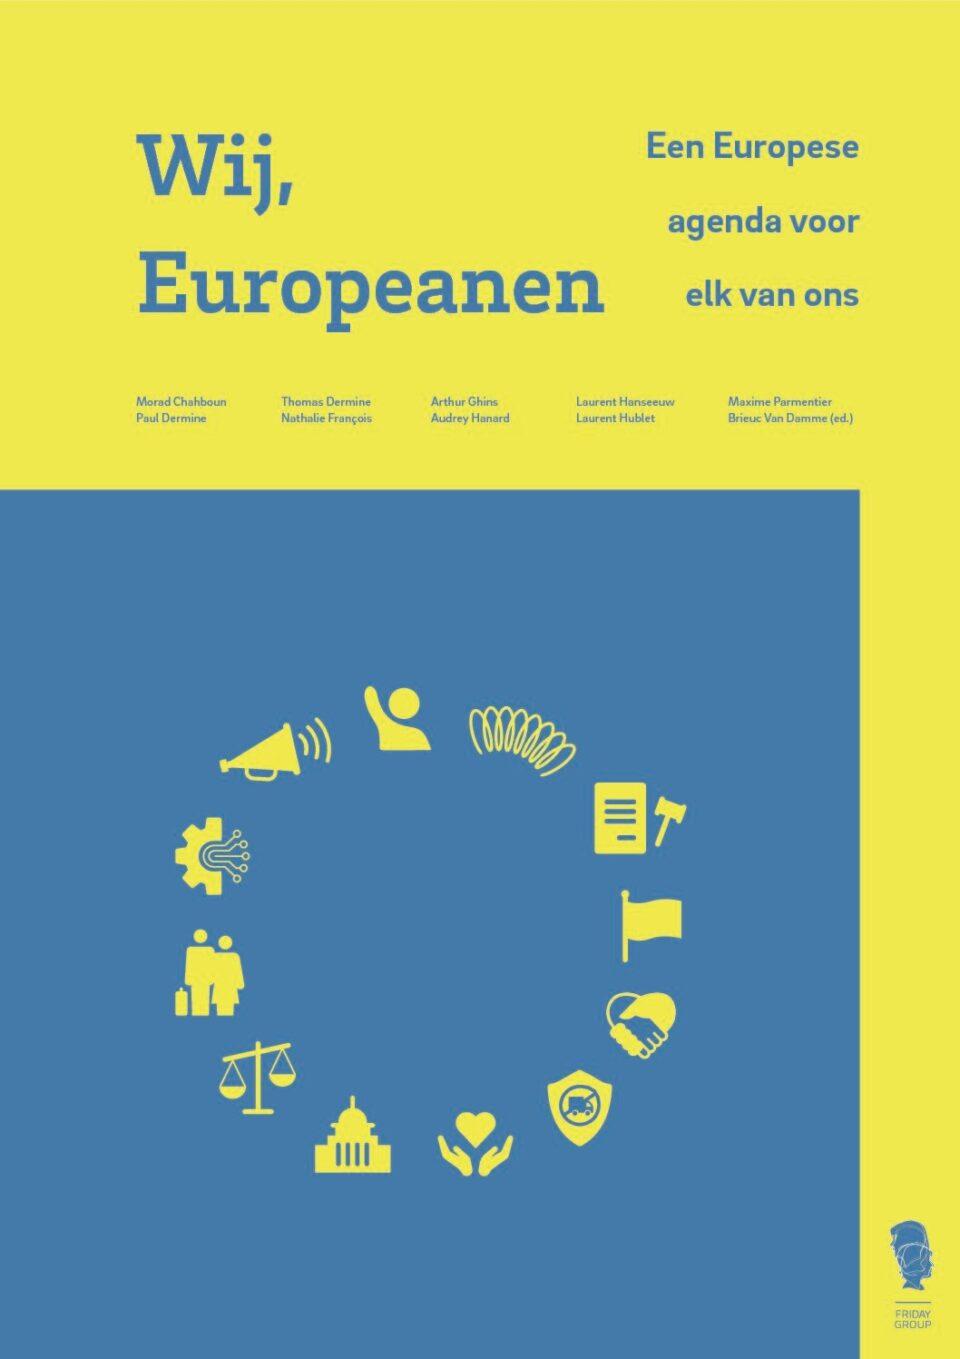 Vrijdaggroep rapport wij europeanen